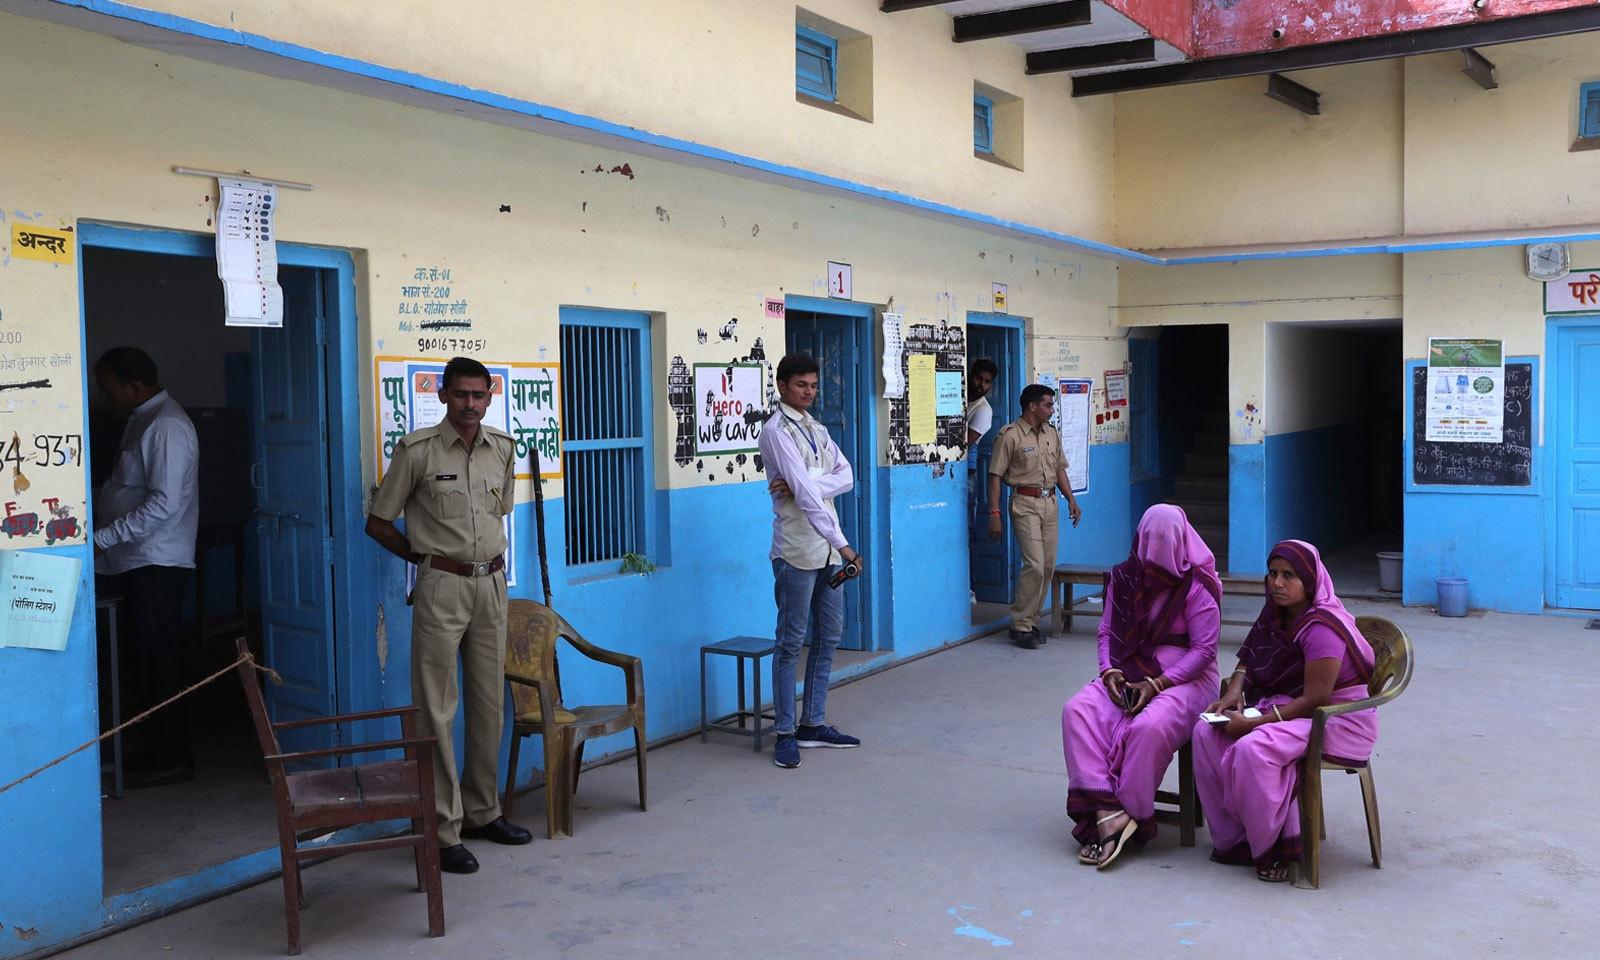 راجستھان میں آفیسرز اور سیکیورٹی اہلکار پولنگ کے لیے لوگوں کی آمد کا انتظار کررہے ہیں — فوٹو: اے پی